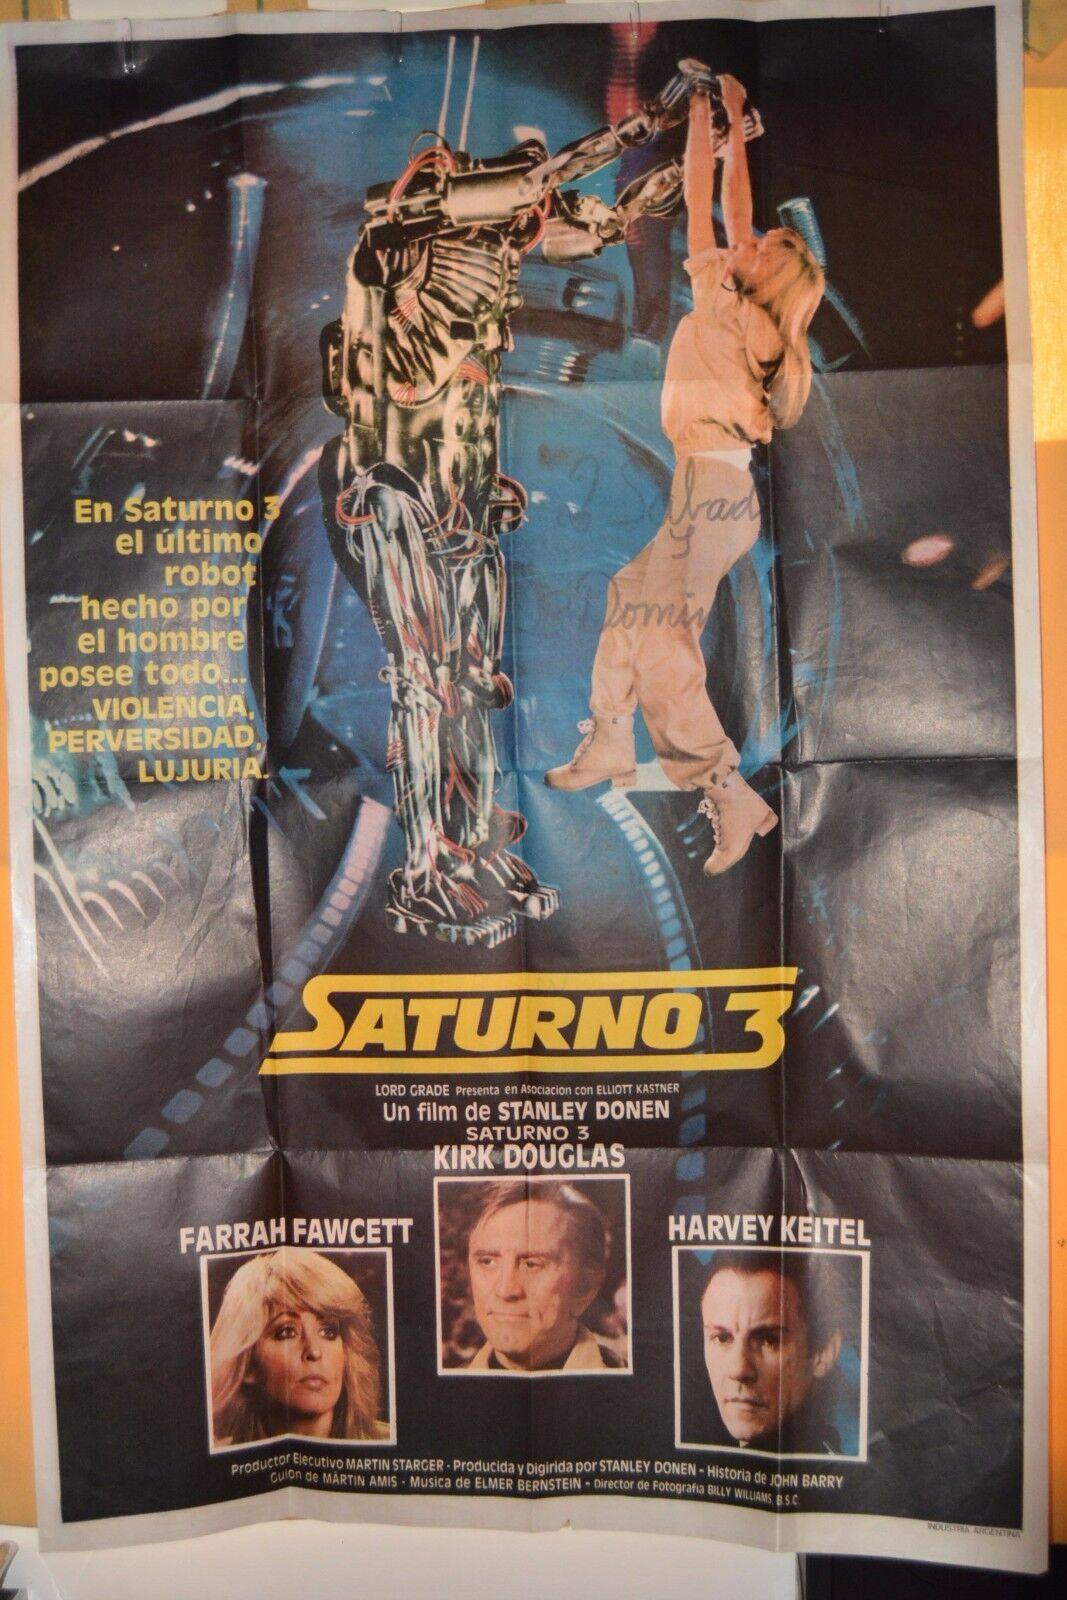 1980 SATURN 3 ORIGINAL POSTER silverINA ONE SHEET MOVIE MOVIE MOVIE Farrah Fawcett-K.Douglas e2a39e